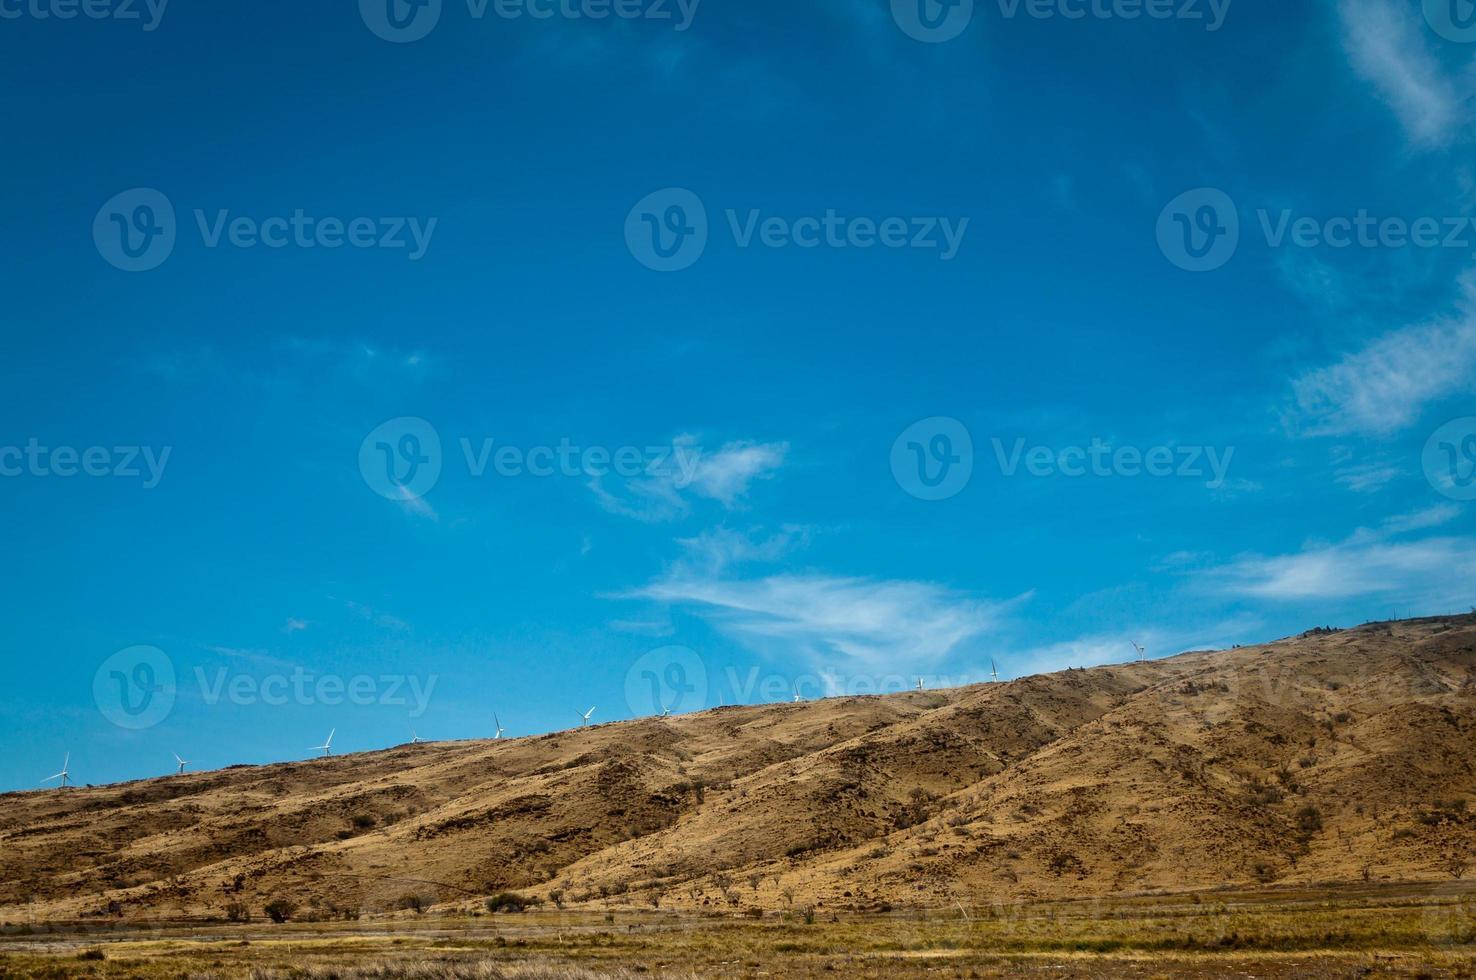 éoliennes lointaines sur une colline sèche photo